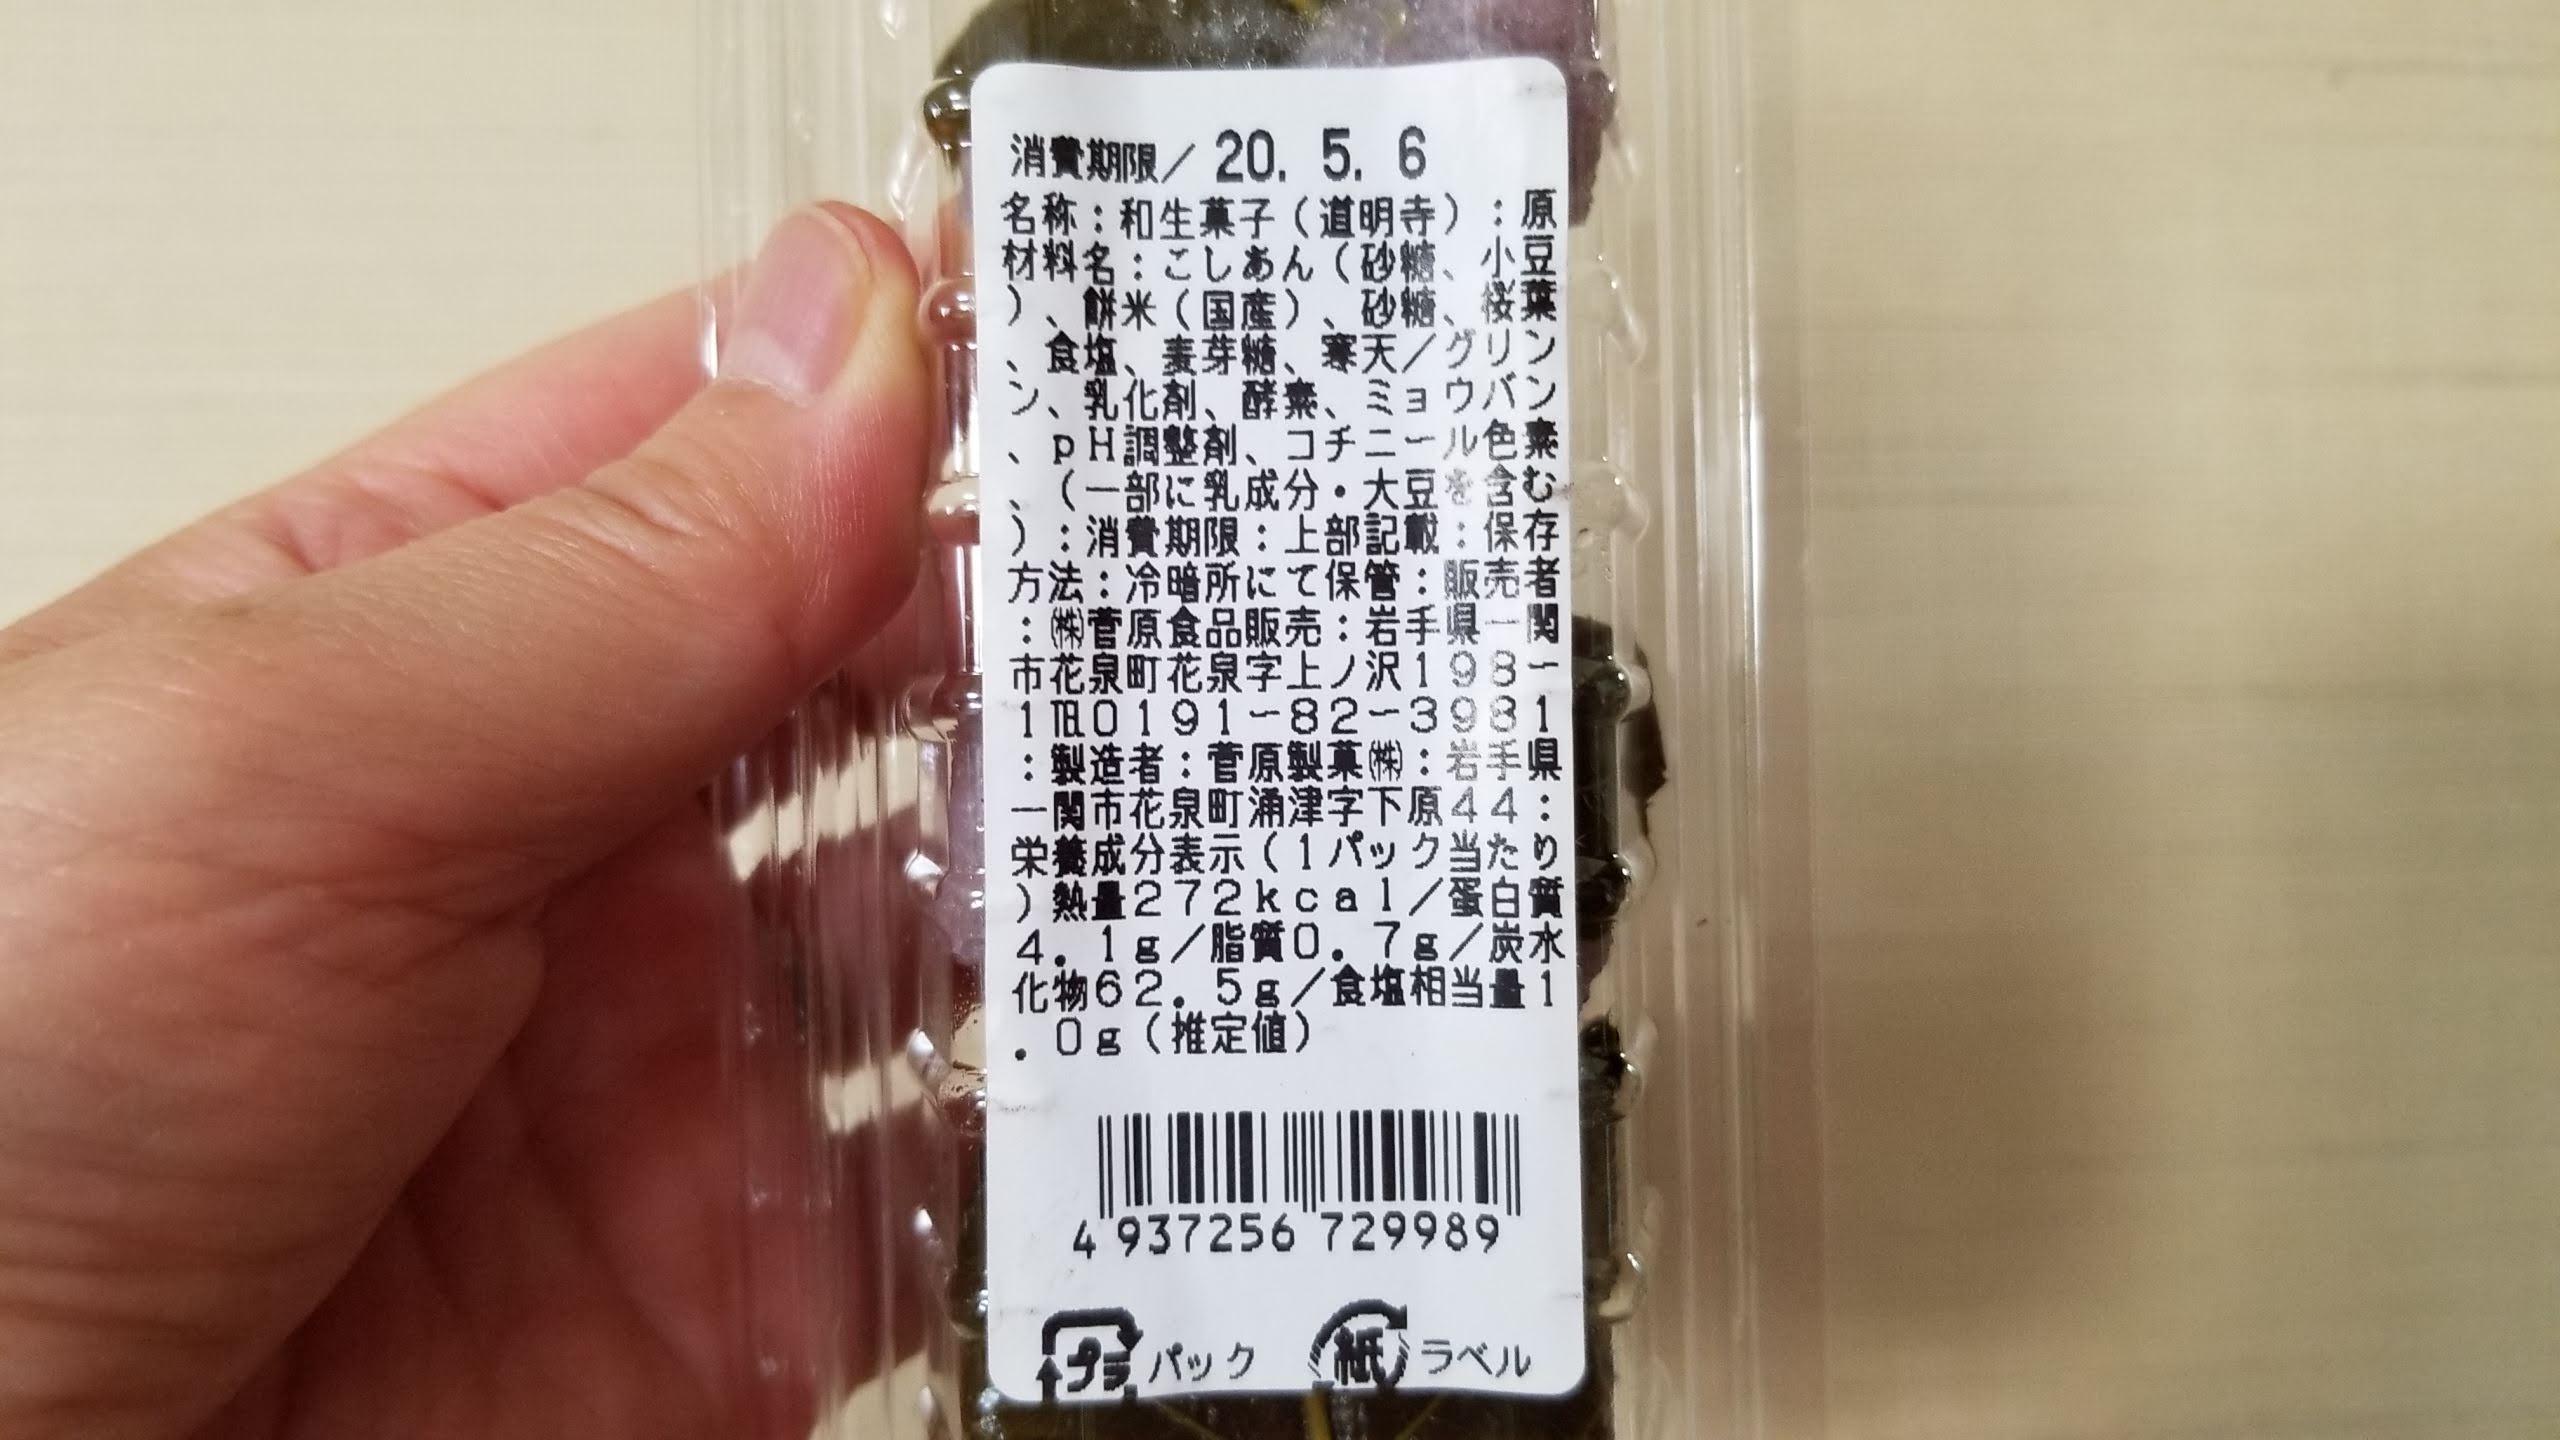 道明寺/菅原食品販売_20200504_133804